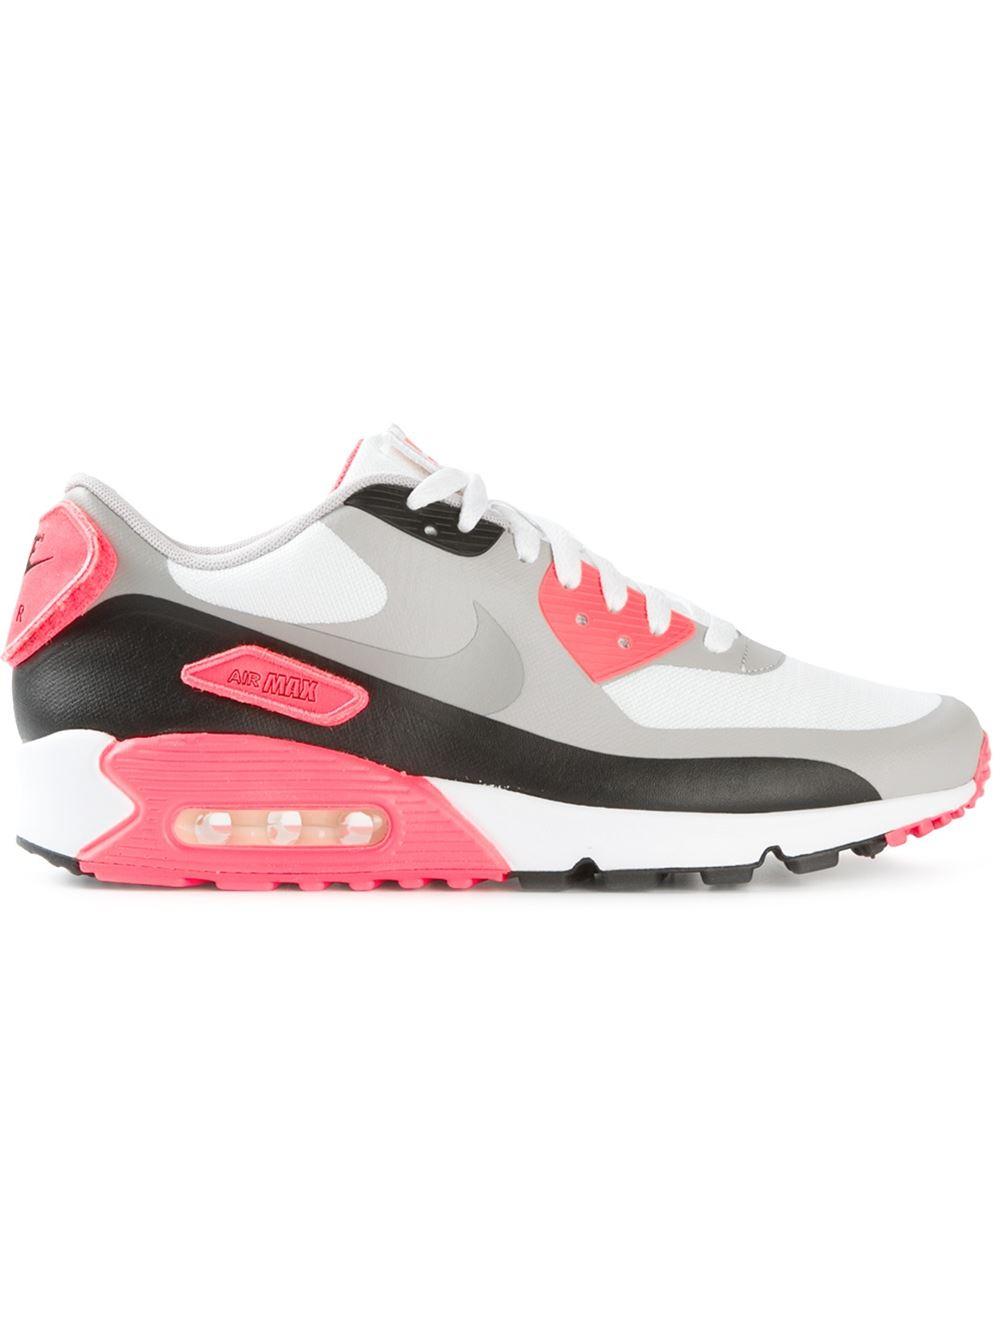 Dc Shoes Air Sole